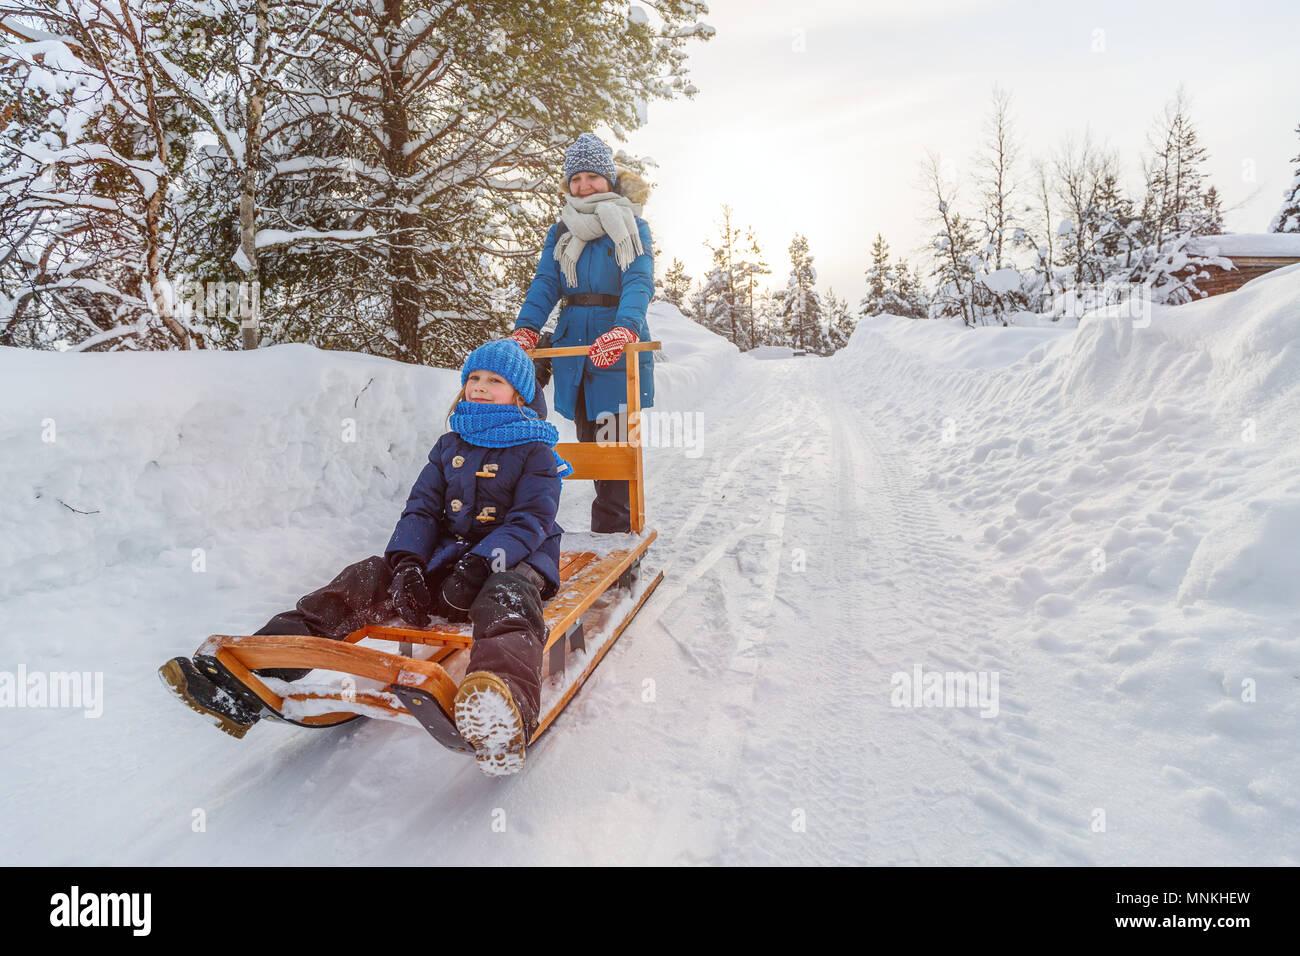 Bella famiglia della madre e figlia godendo nevoso inverno giorno all'aperto avendo divertimento slittino Immagini Stock